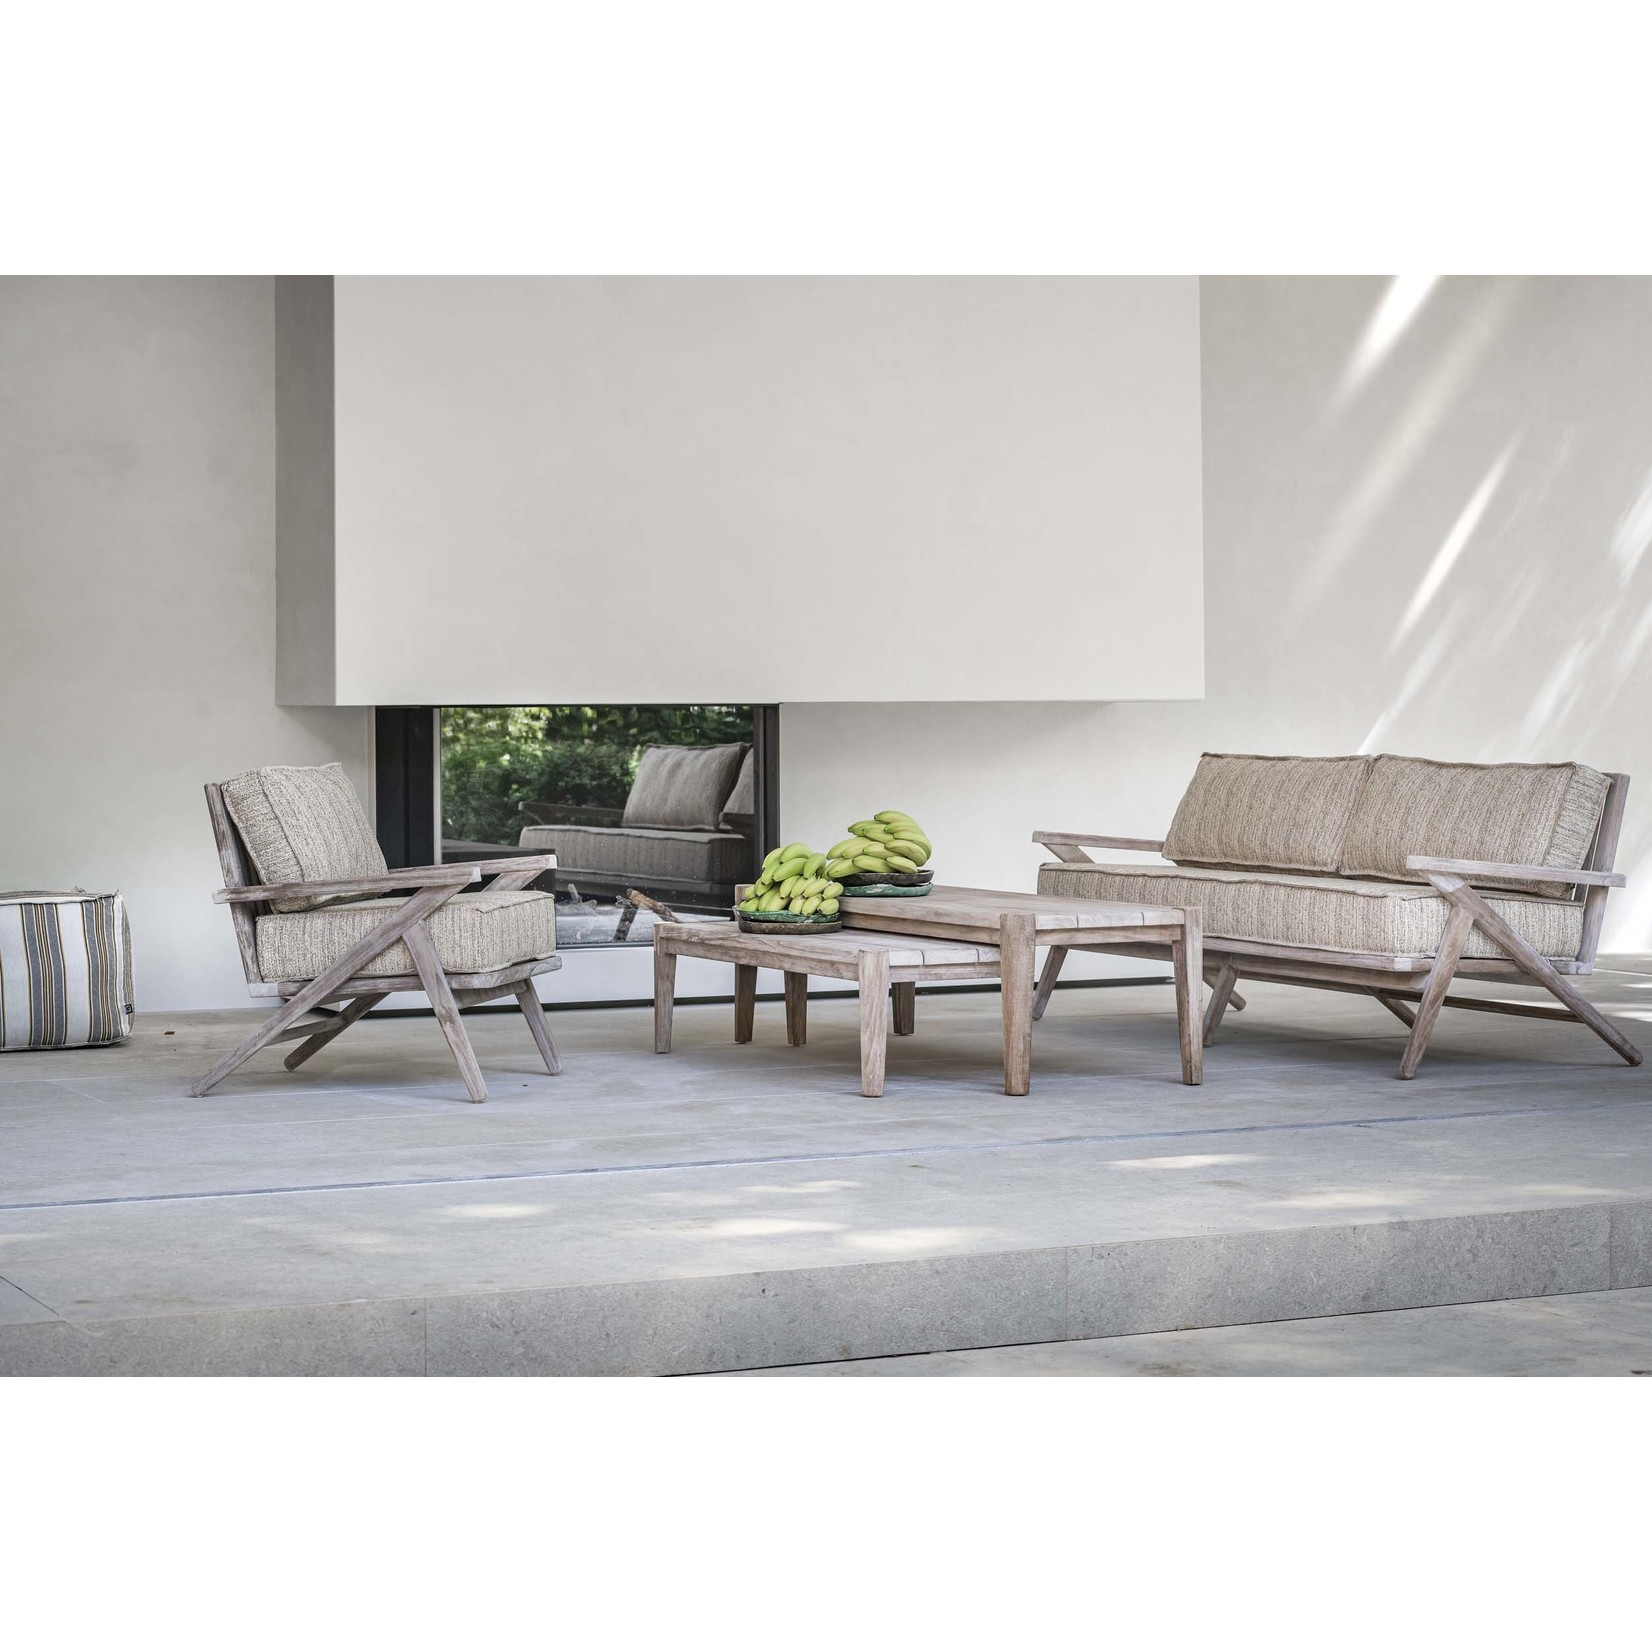 Gommaire Table basse rectangulaire Floor Small | Teck récupéré gris naturel